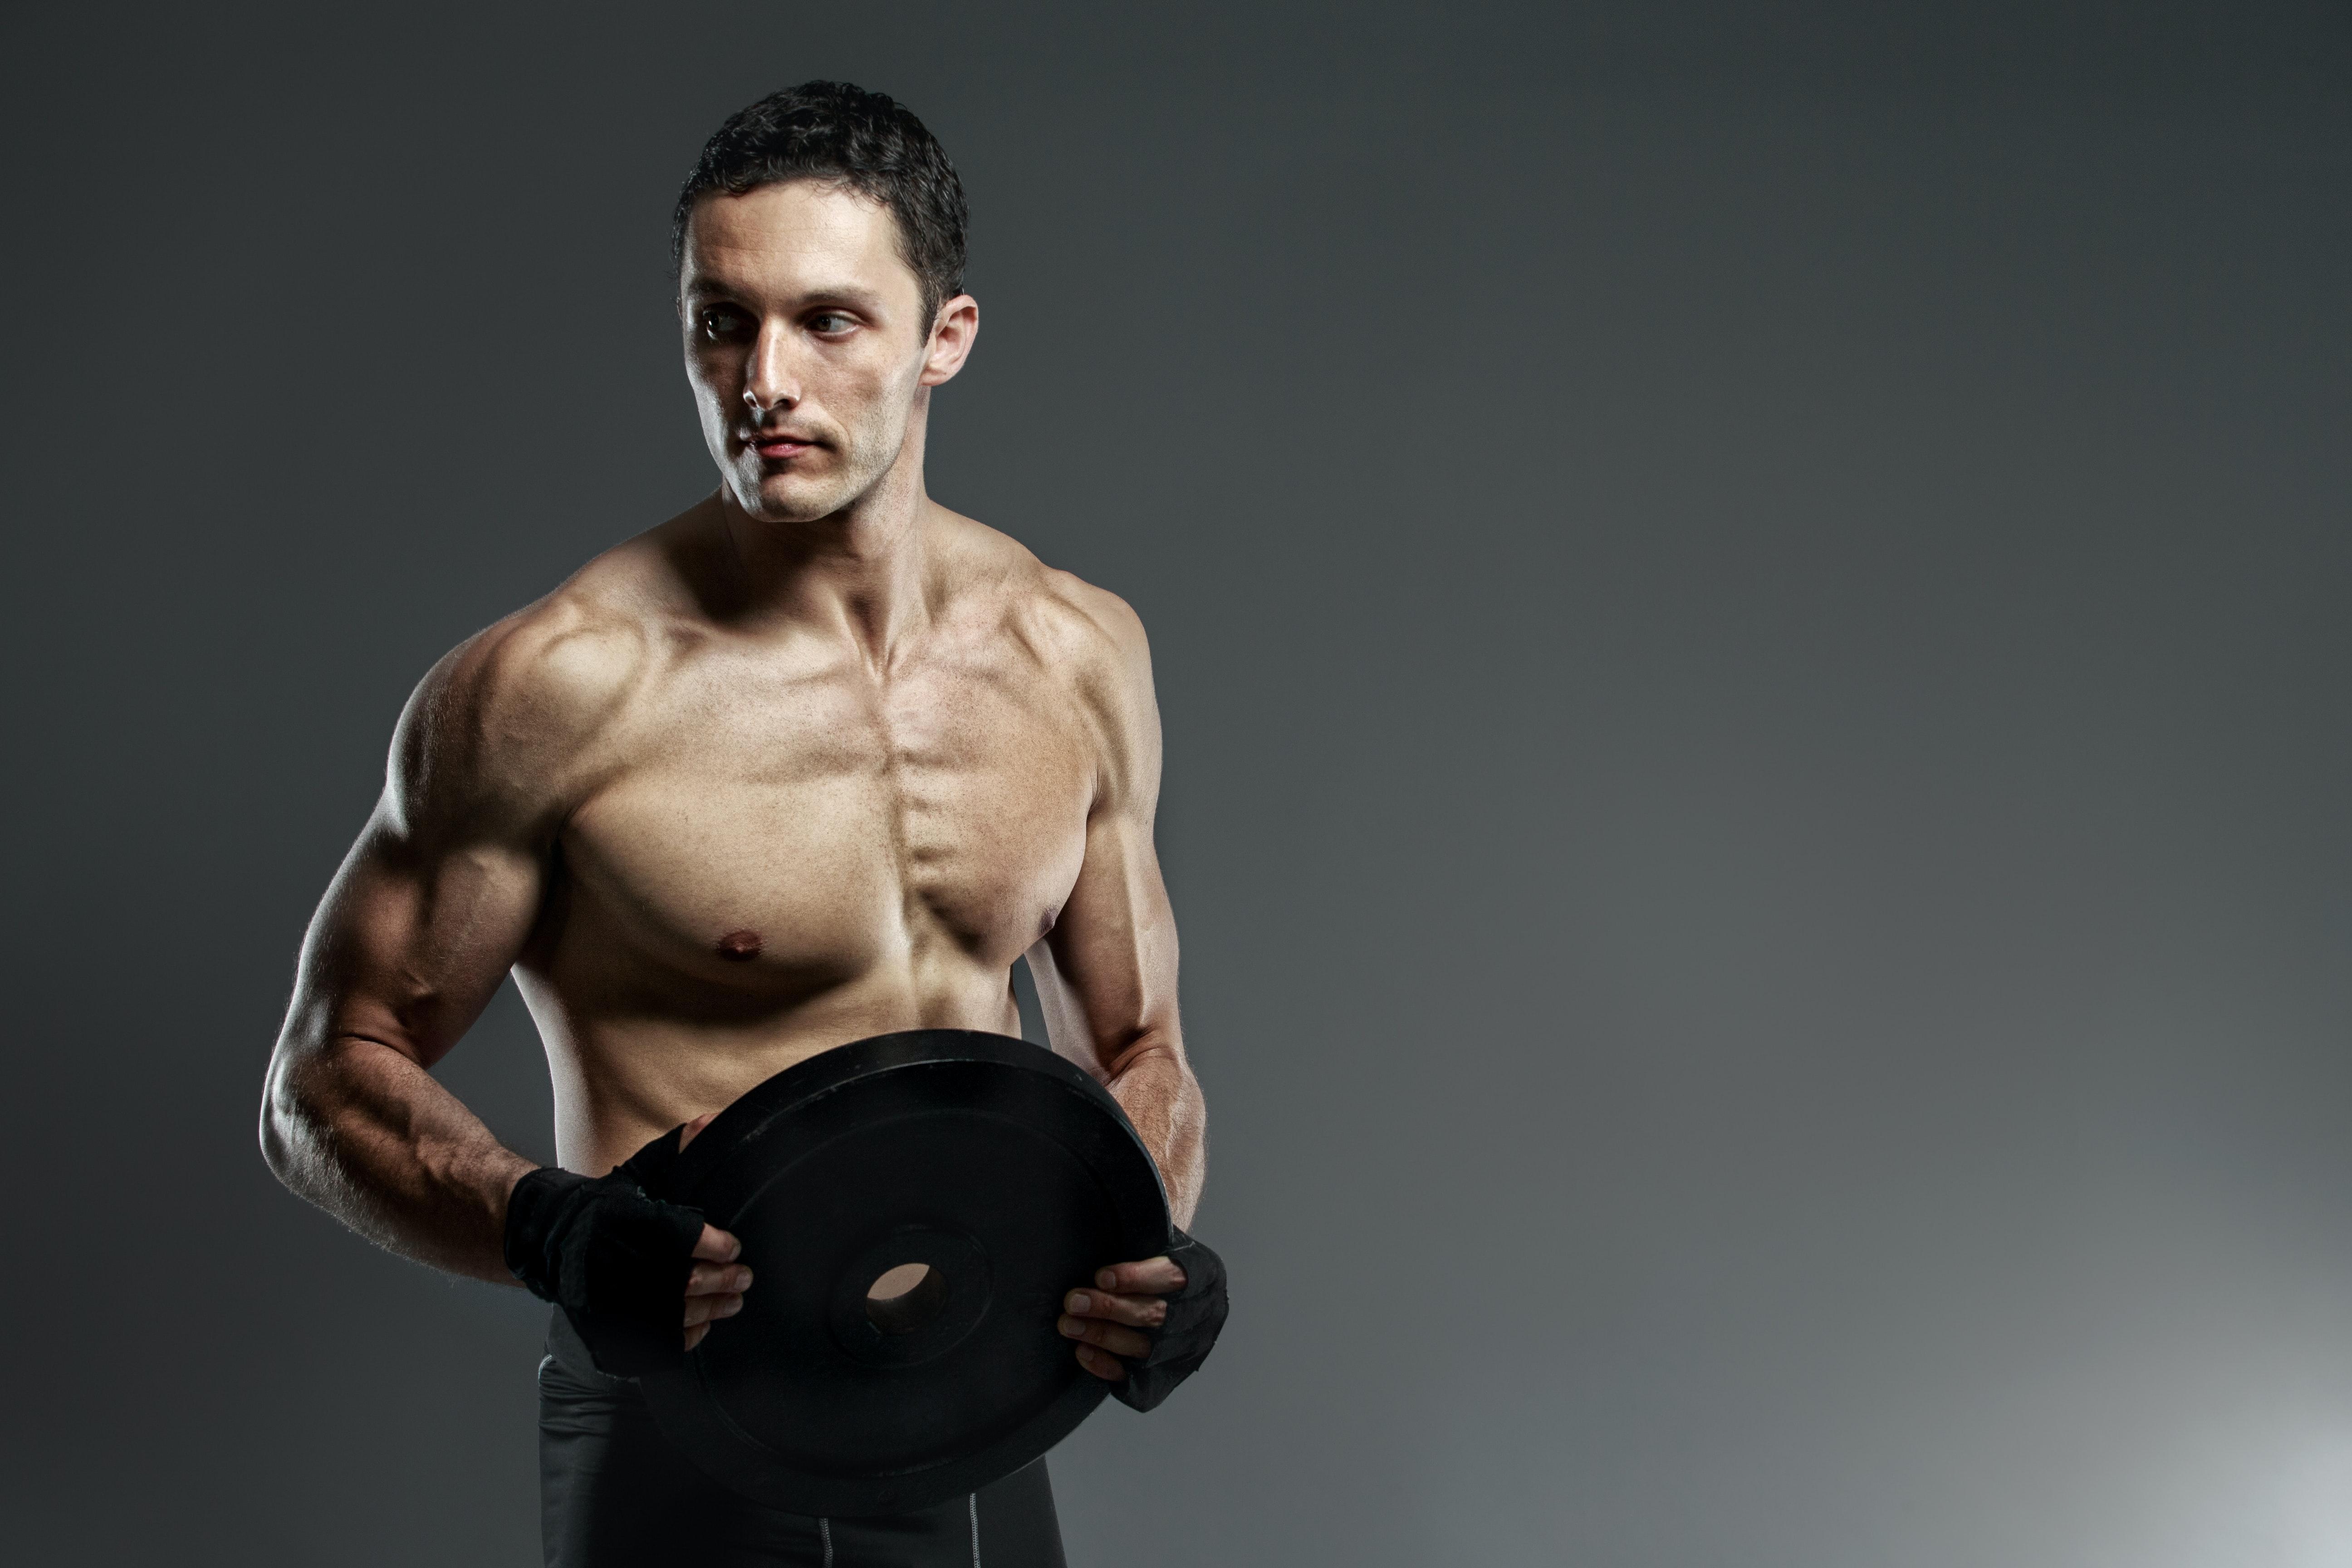 Imagen con etiquetas:Entrenamientos, Interesante, Deporte, Fitness, Recommendations, Salud